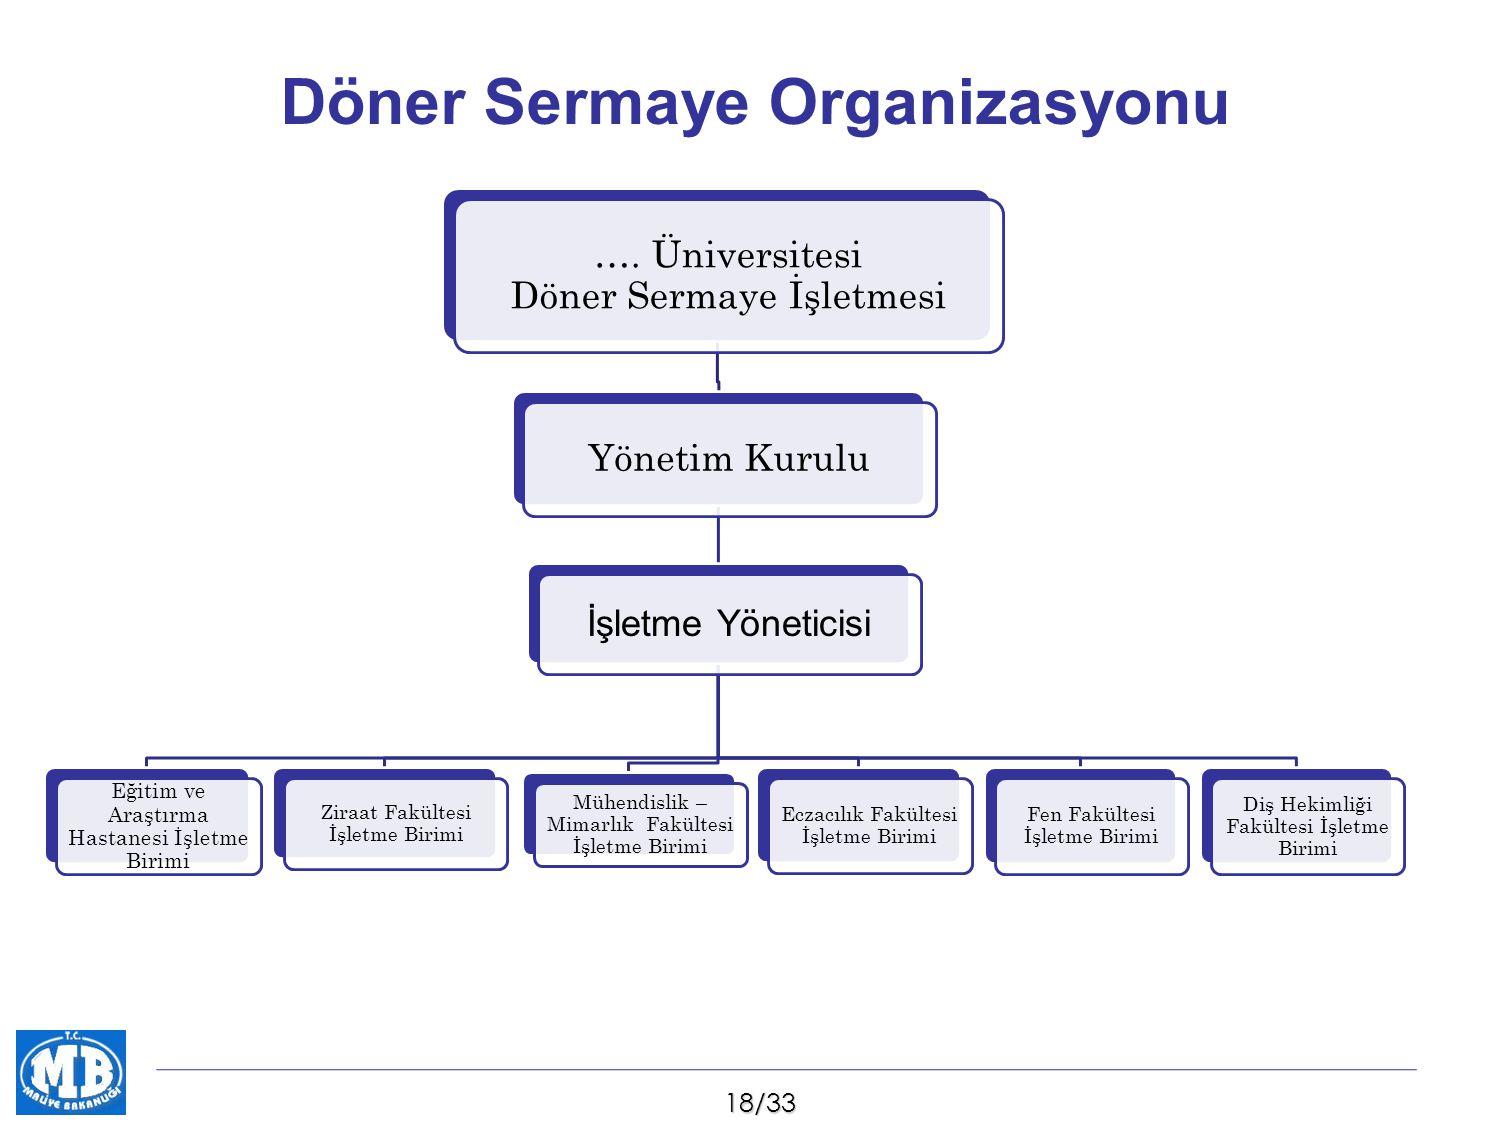 Döner Sermaye Organizasyonu